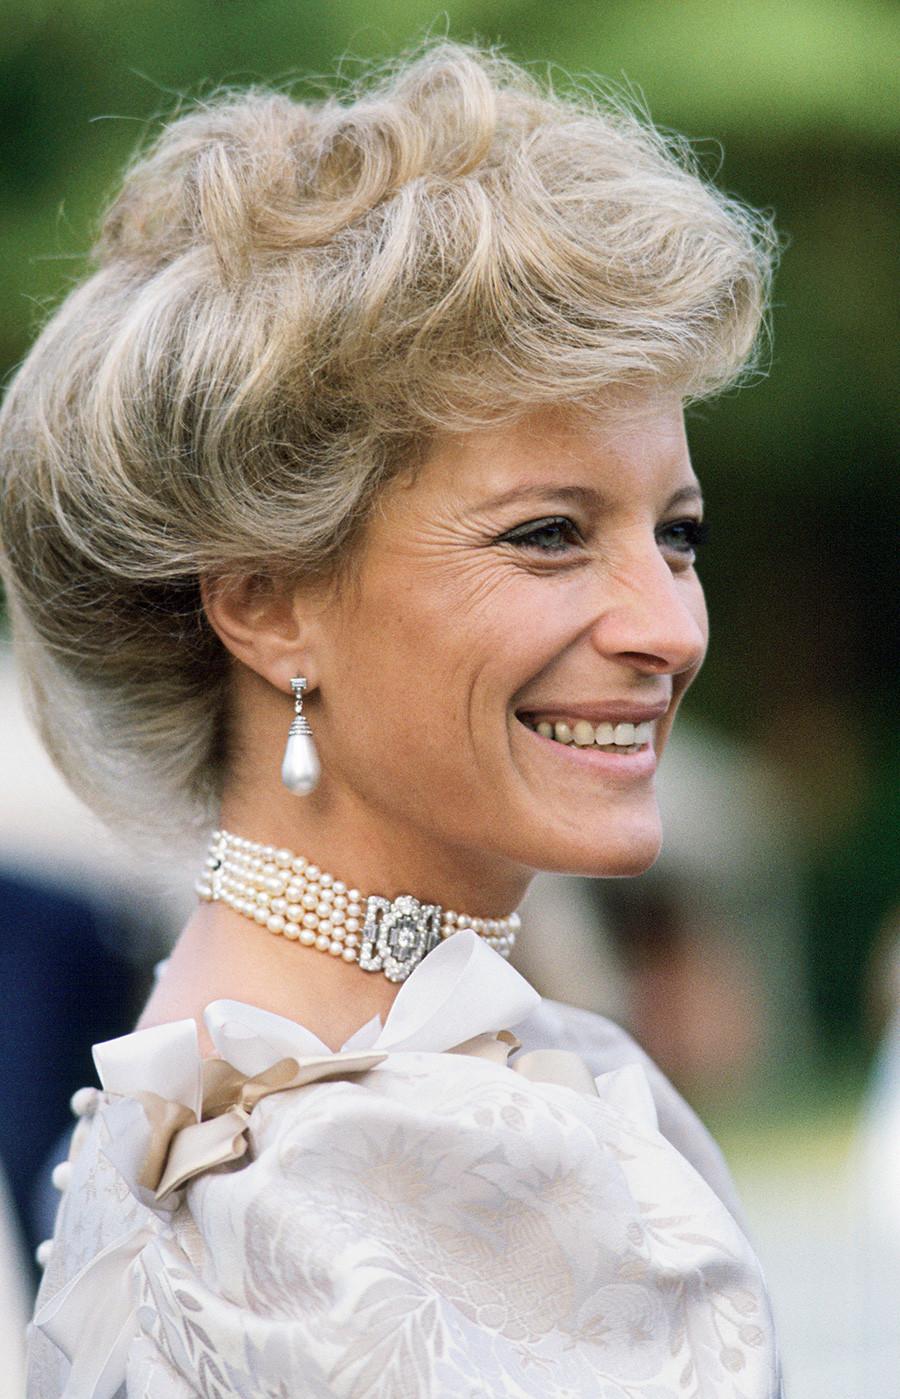 Принцеза Мајкл од Кента, Ешер, Велика Британија.